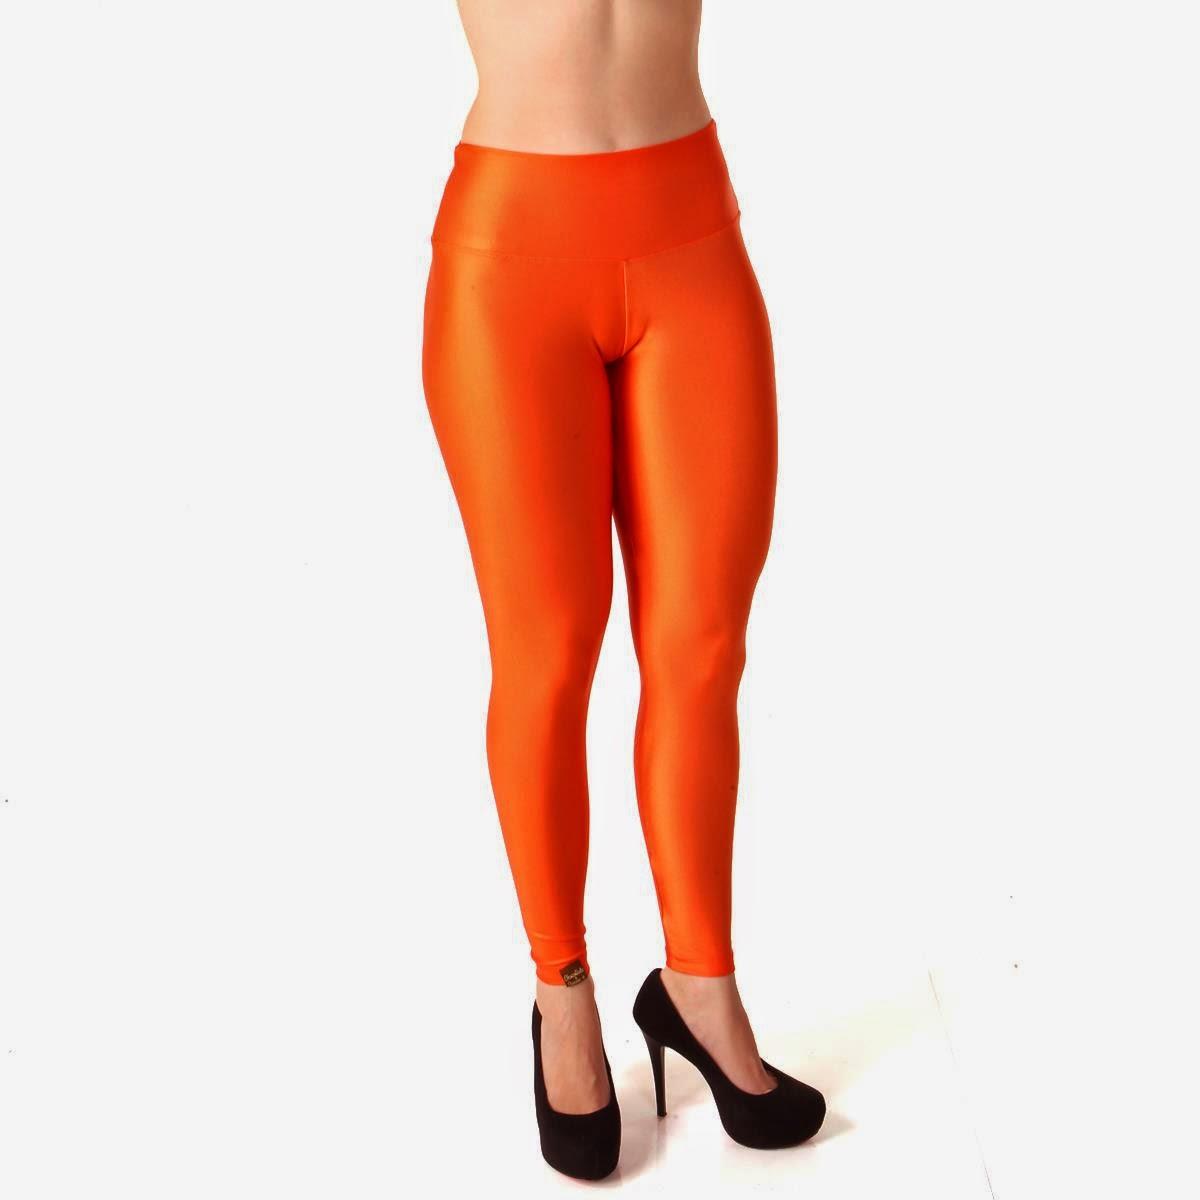 Calça metalizada laranja